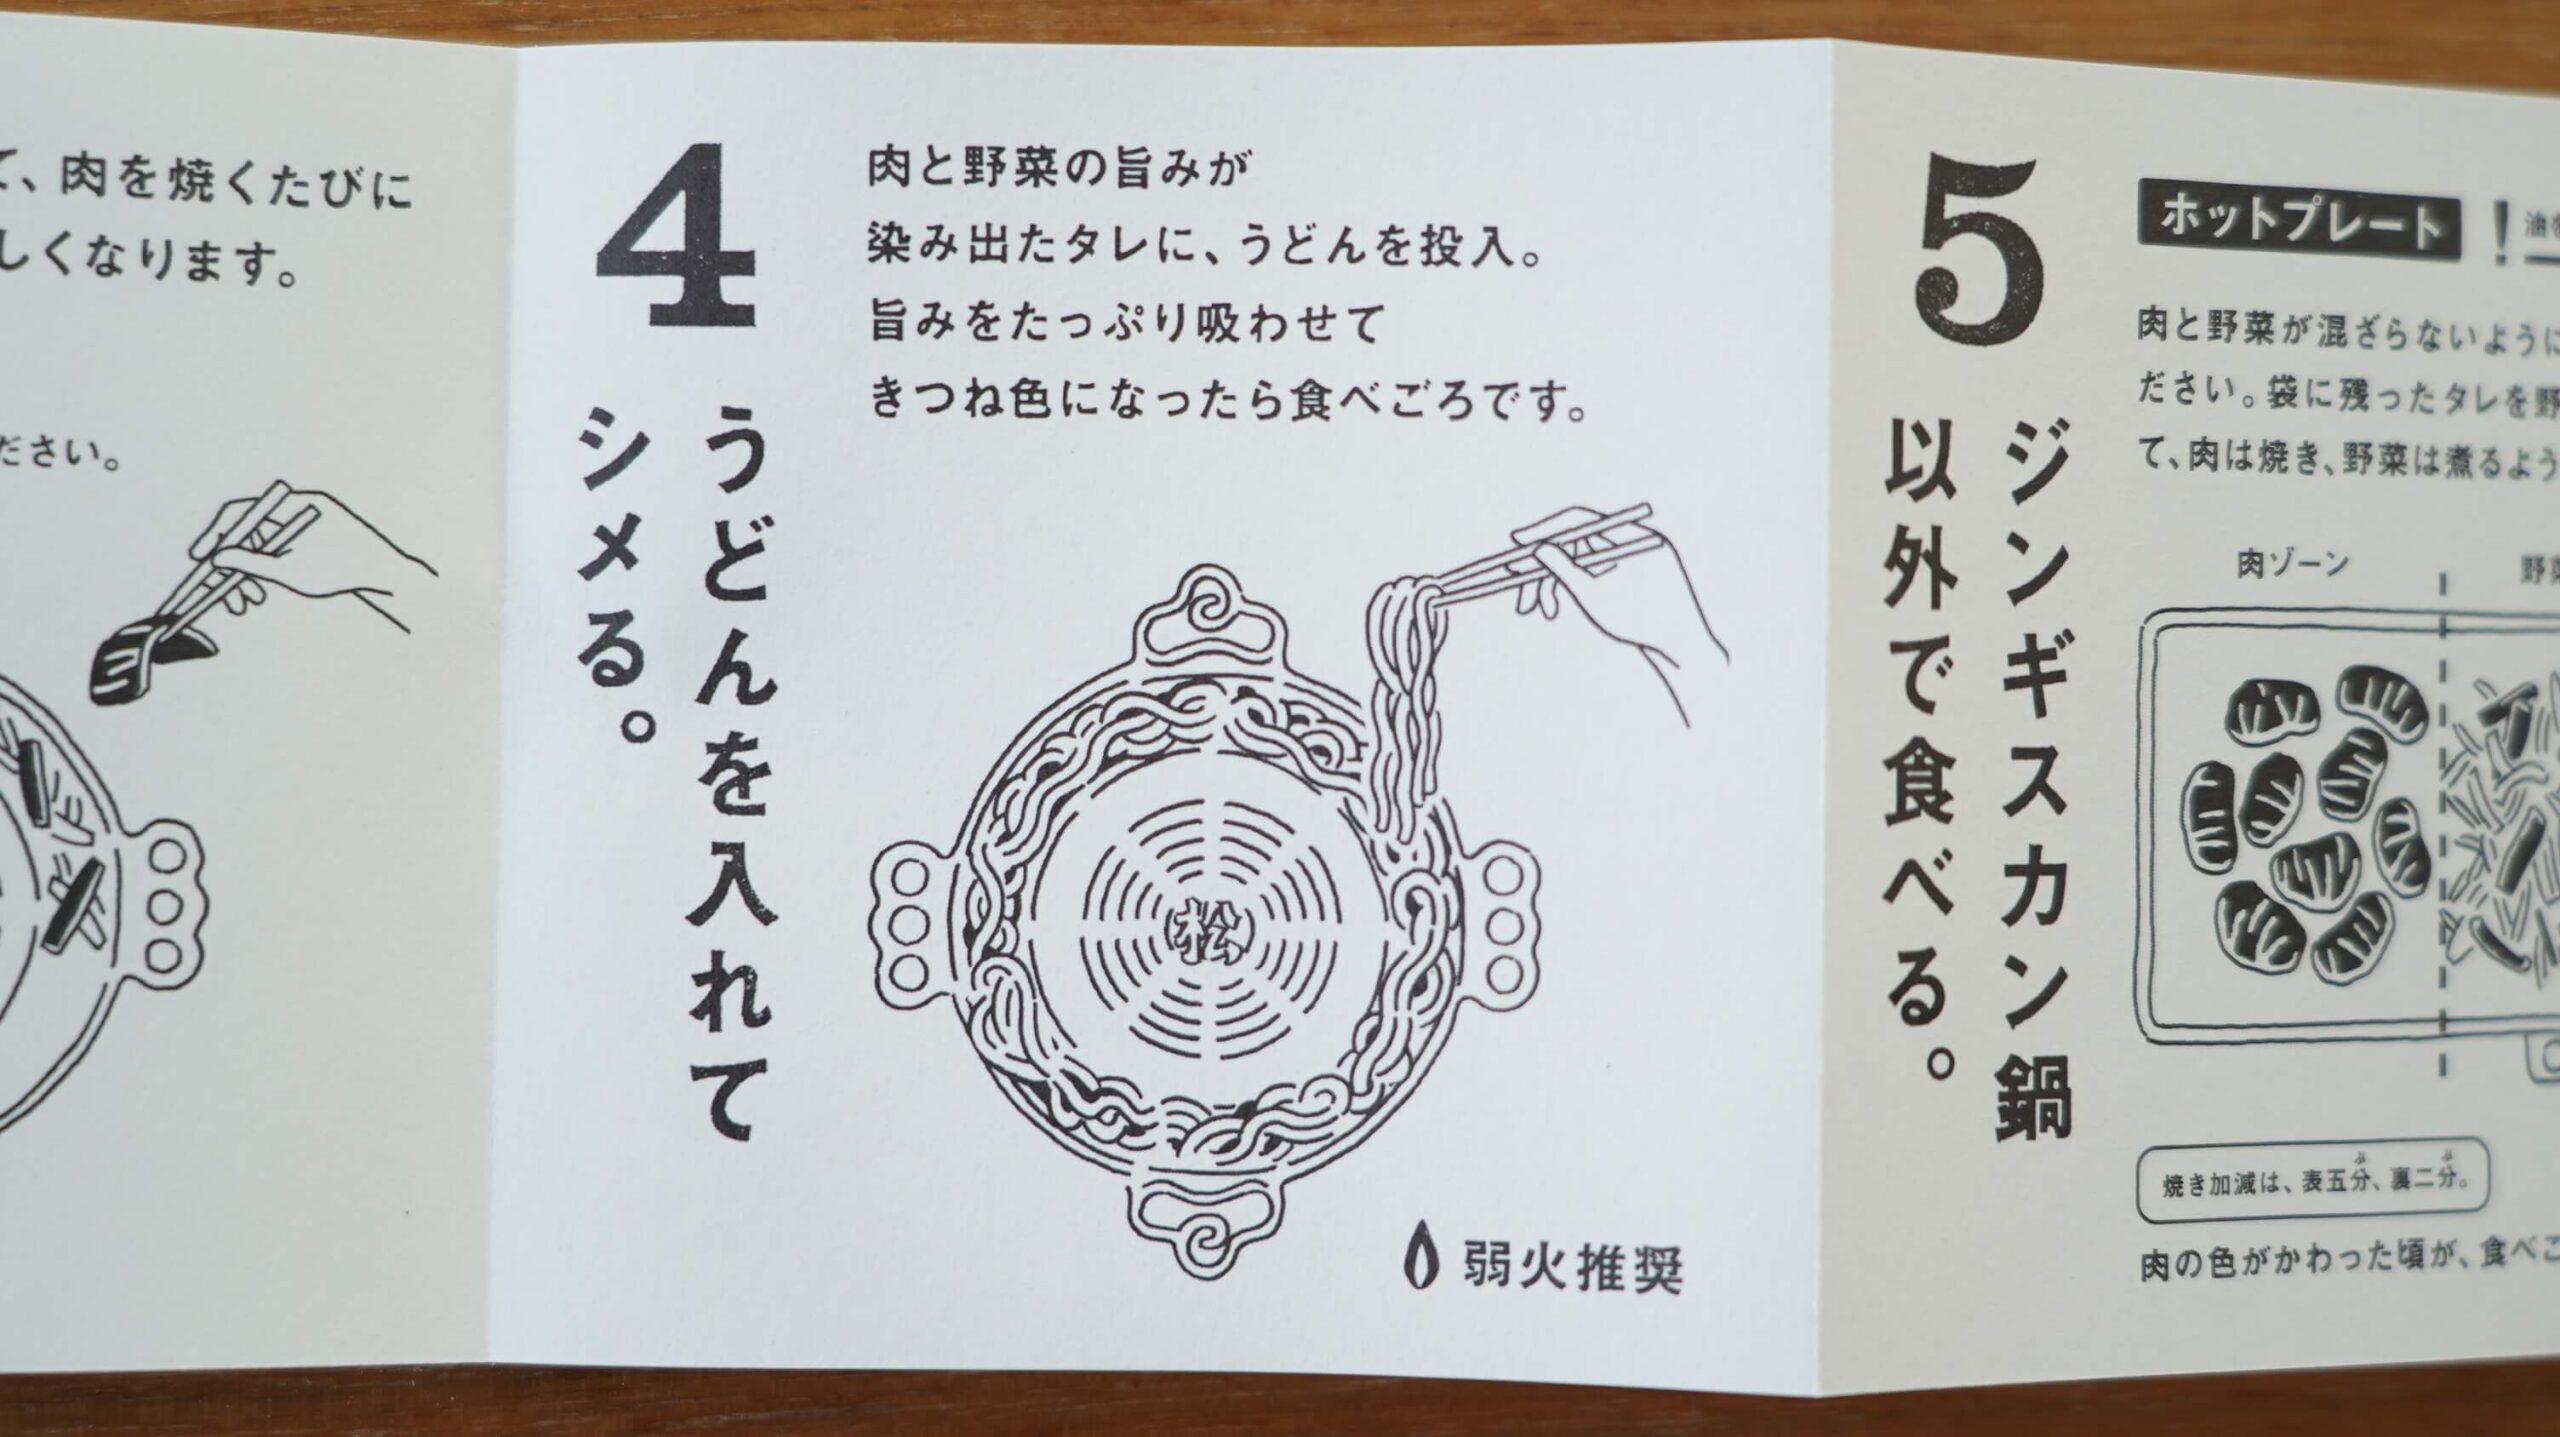 松尾ジンギスカンを通販でお取り寄せした際についてくる「おいしい食べ方」の説明書で「うどん」がおすすめされているページの写真